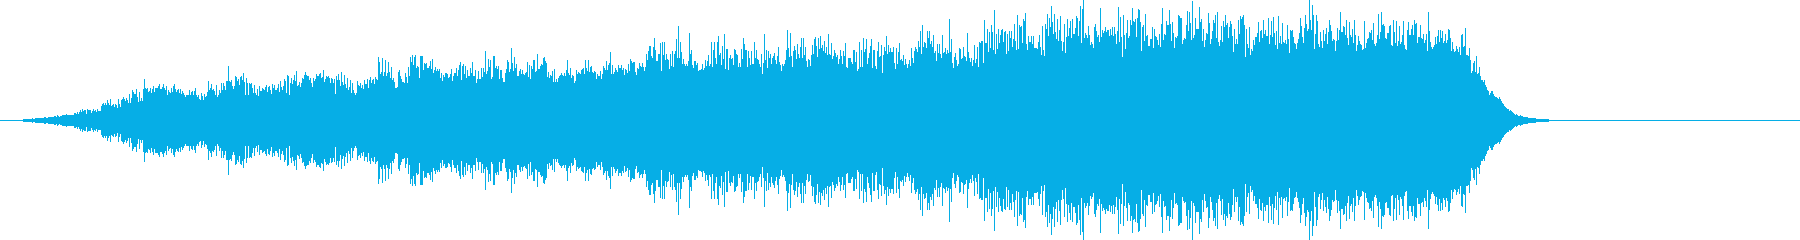 音楽ロゴ;神秘的なシンセサイザーオ...の再生済みの波形